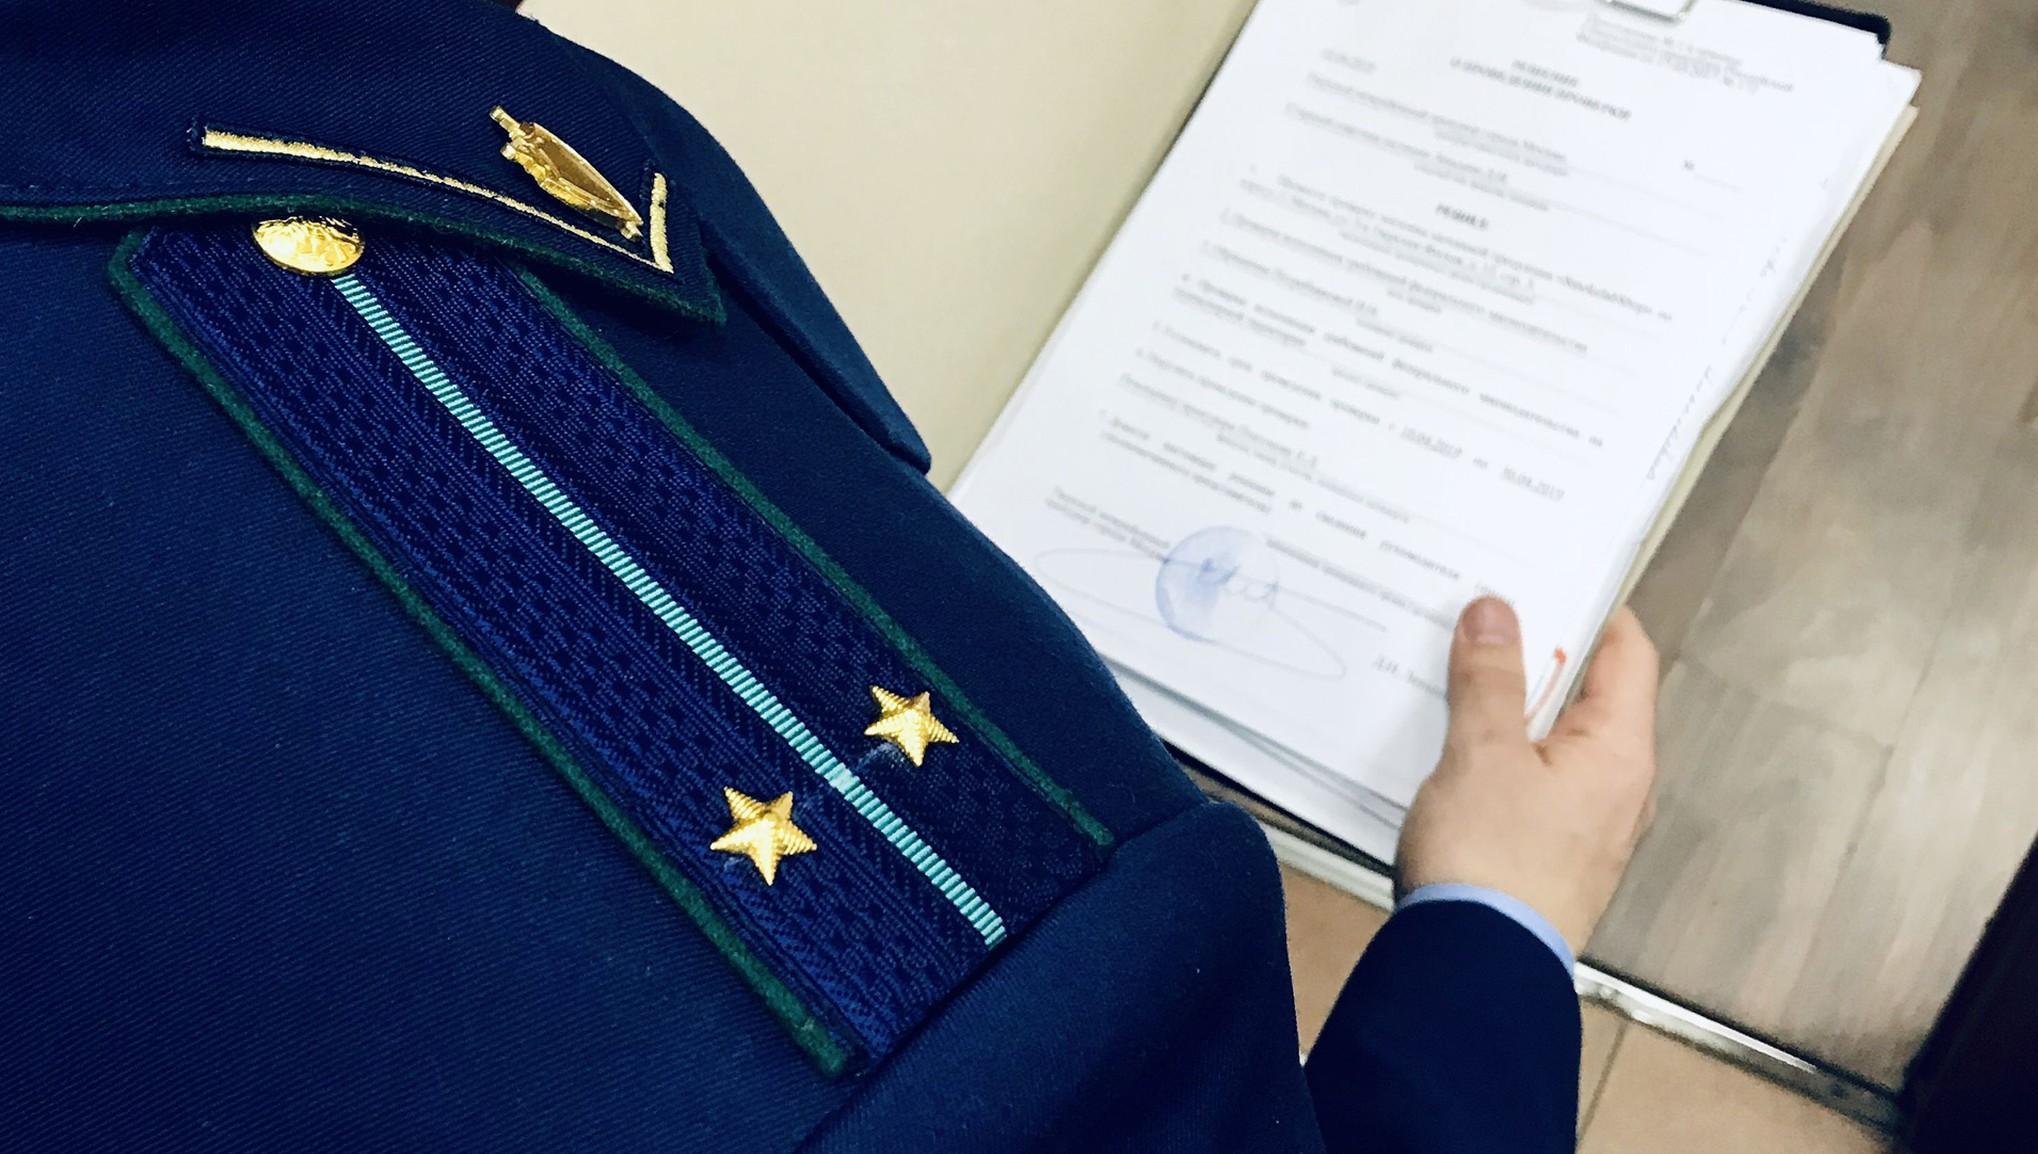 В Тверской области суд взыскал с ТСЖ средства, уплаченные пенсионером за капремонт за четыре года - новости Афанасий